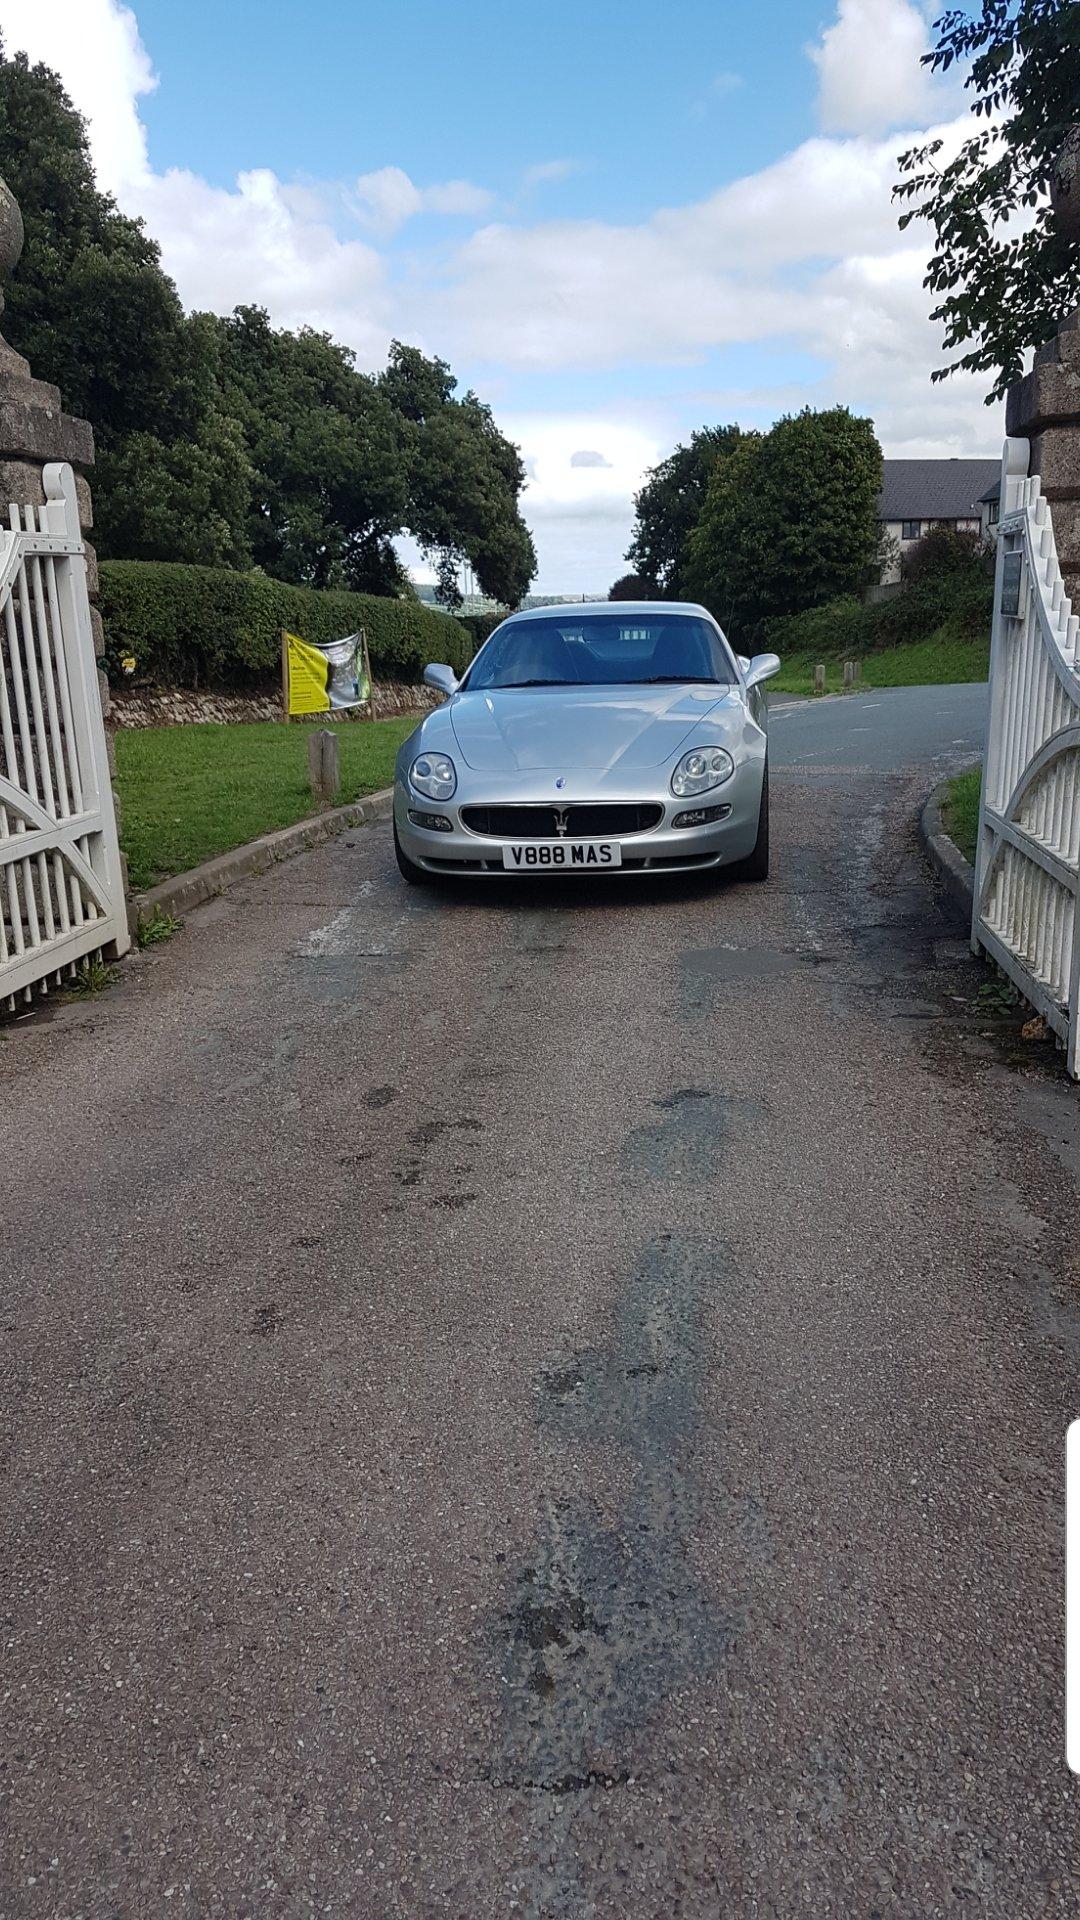 2002 Maserati 4200, Cambio, F1, Tubi, H-pipe For Sale (picture 3 of 5)